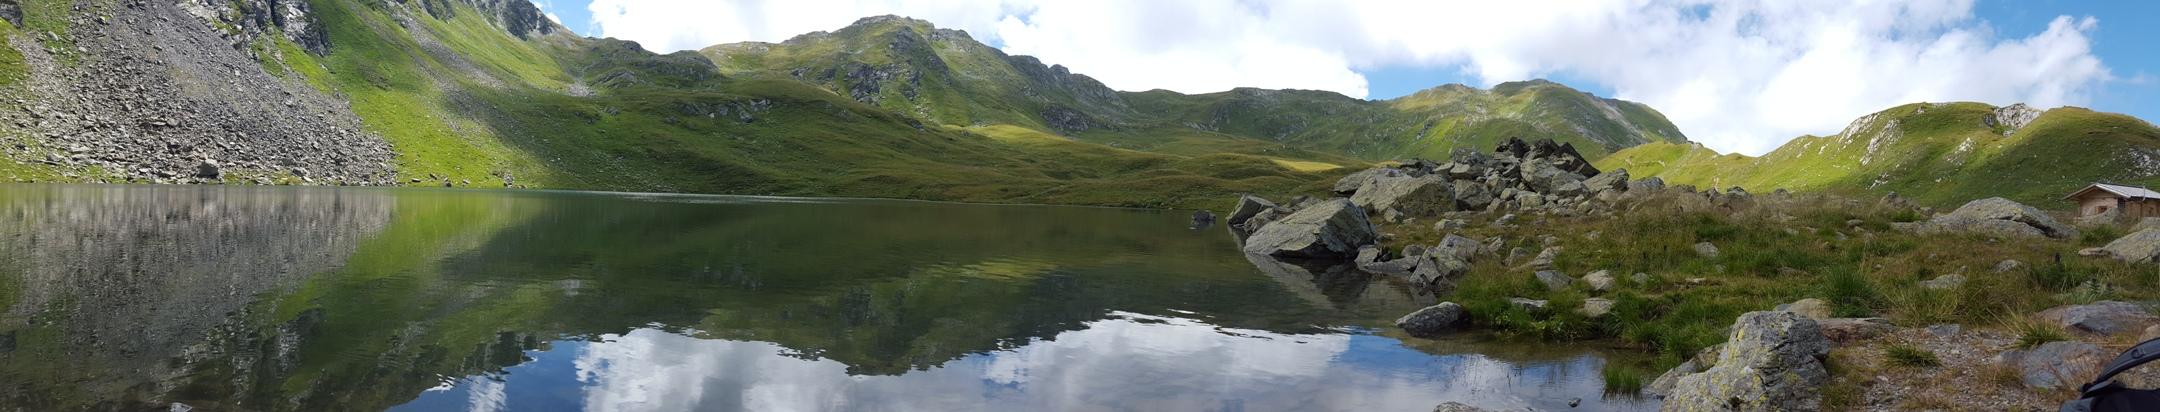 Erholungspause am Obstansersee - das beste Landschaftspanorama